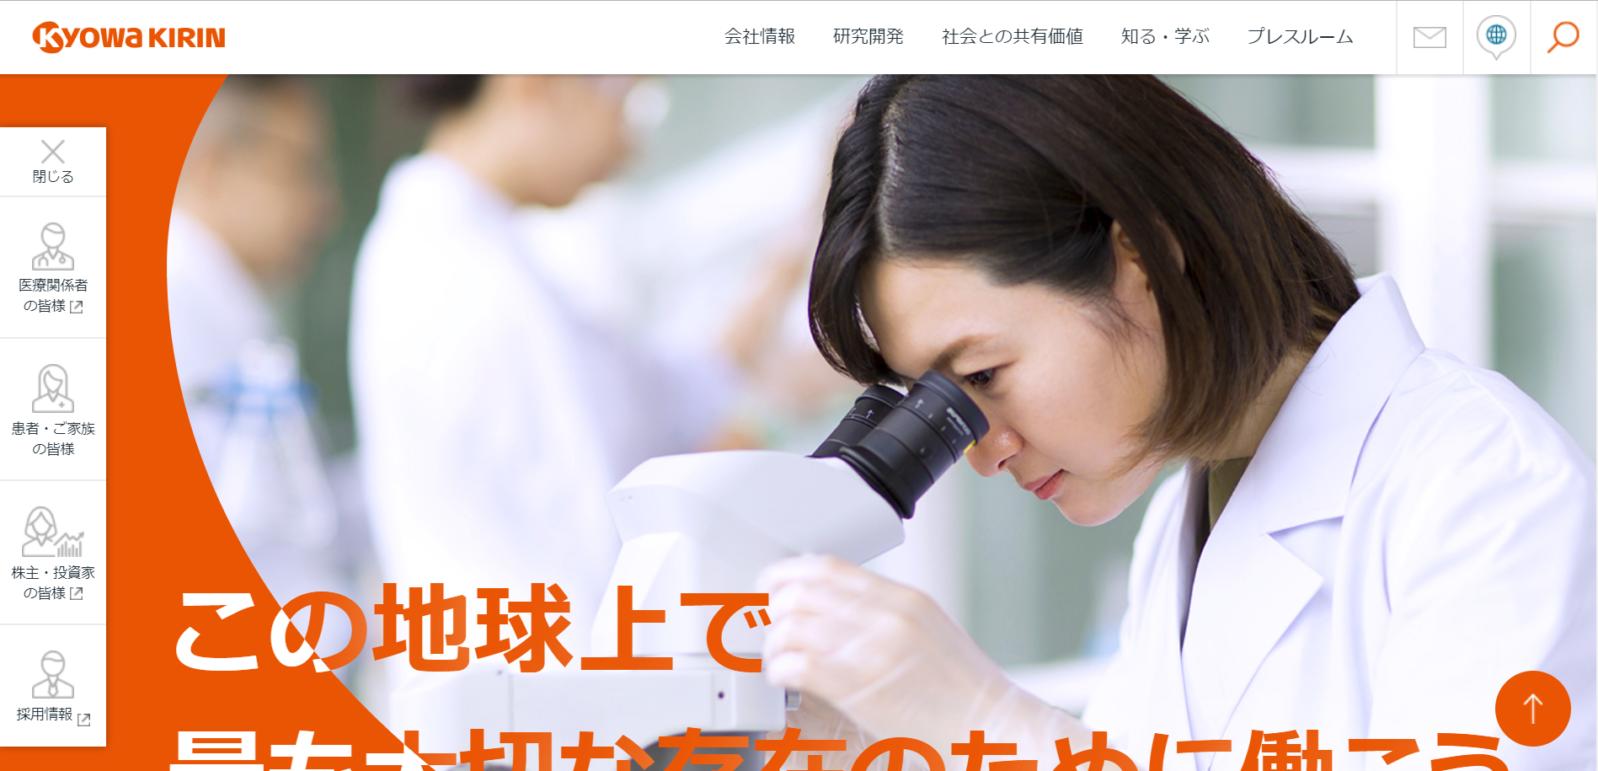 協和発酵キリン株式会社(現:協和キリン株式会社)